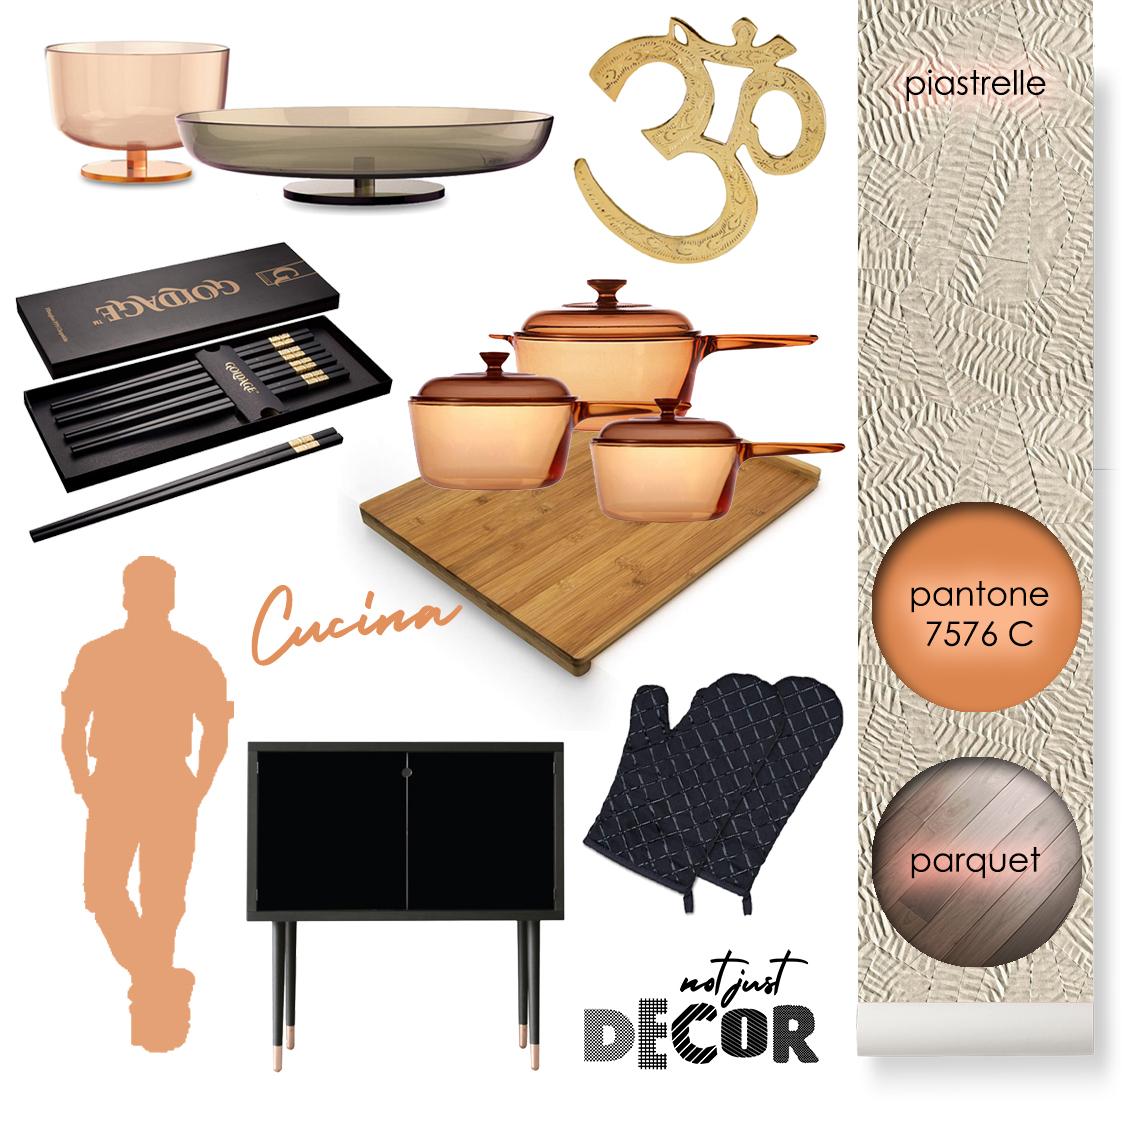 Stile ETNICO cucina arredamento accessori